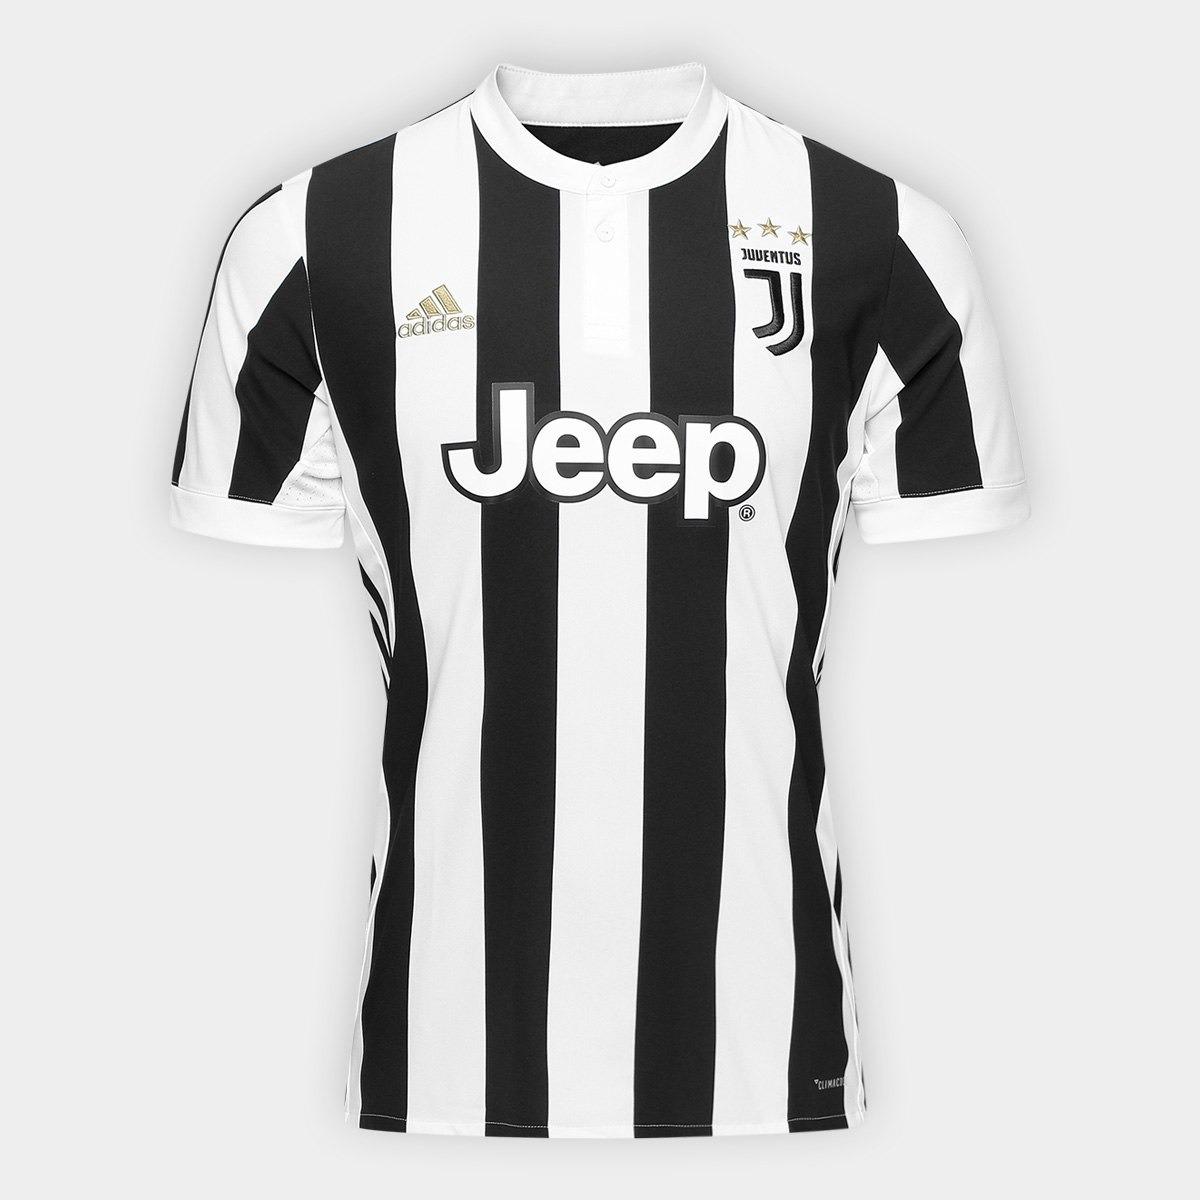 camisa da juventus itália juve nova branca preta 2018. Carregando zoom. a189d370ab0dc